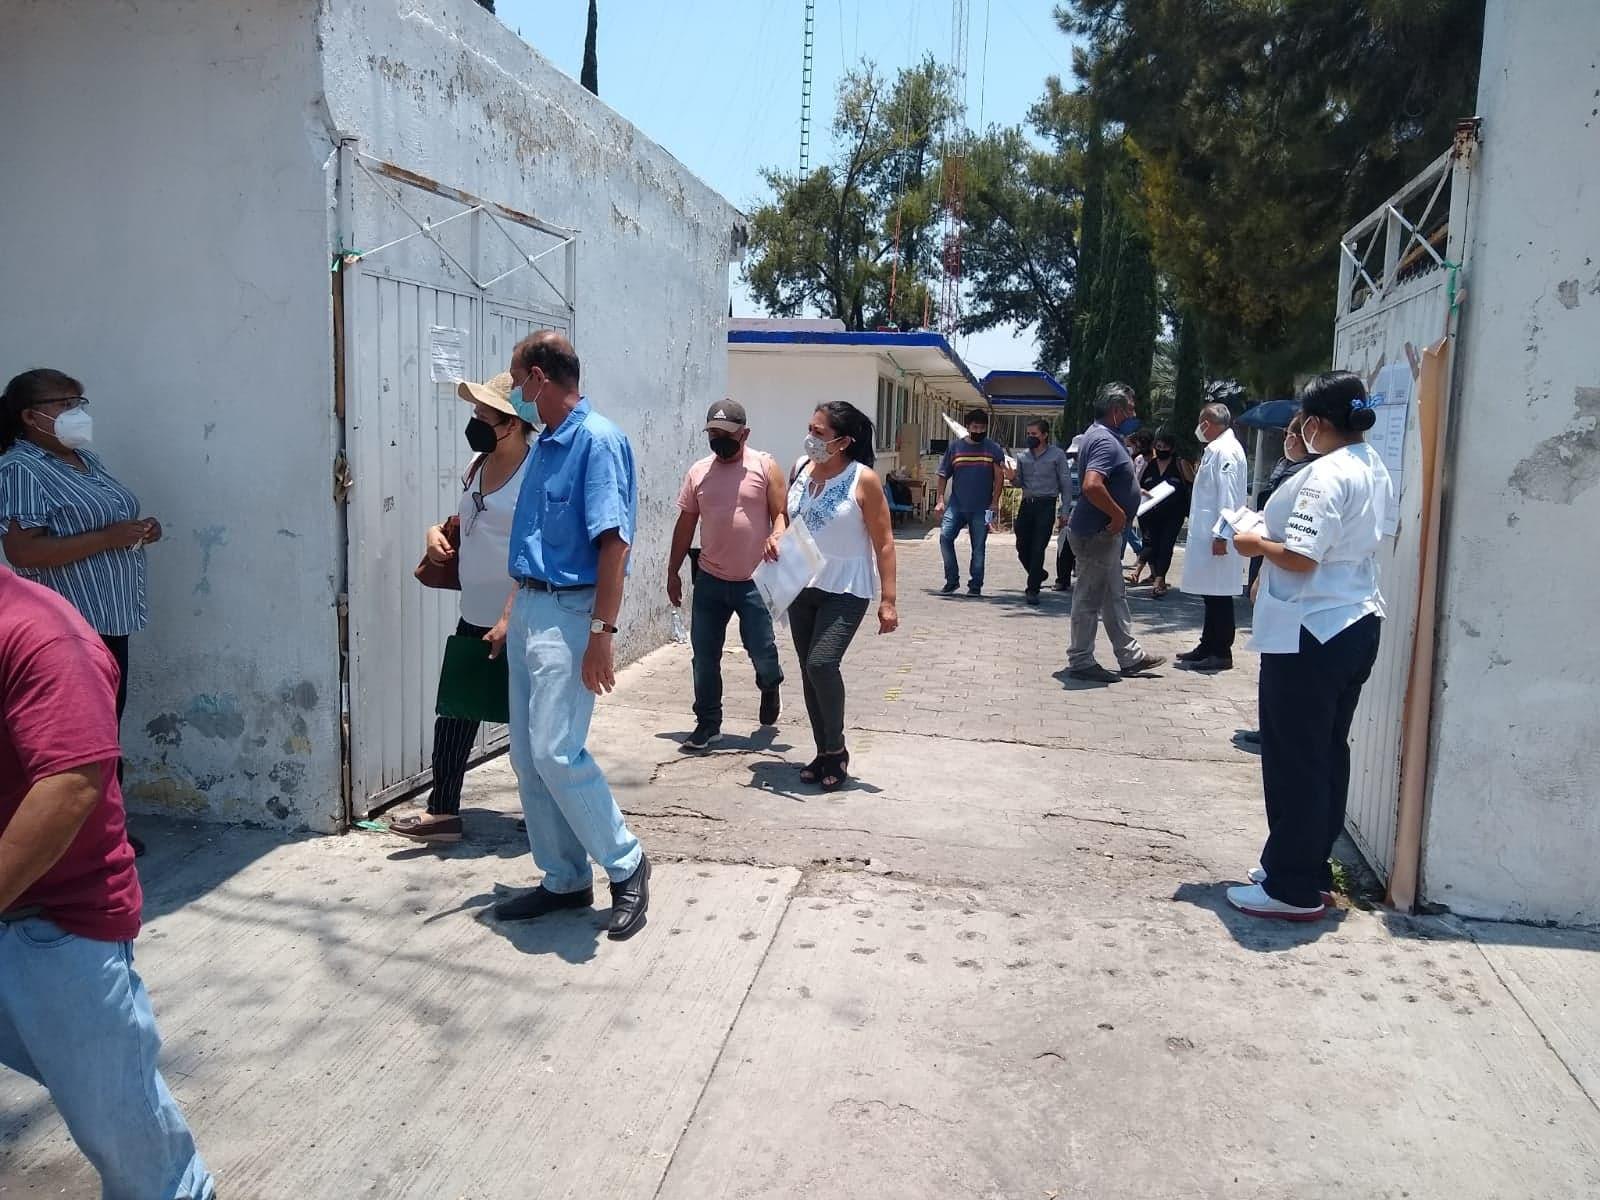 Baja afluencia reporta primer día de vacunación Covid de 50 y más en Tehuacán